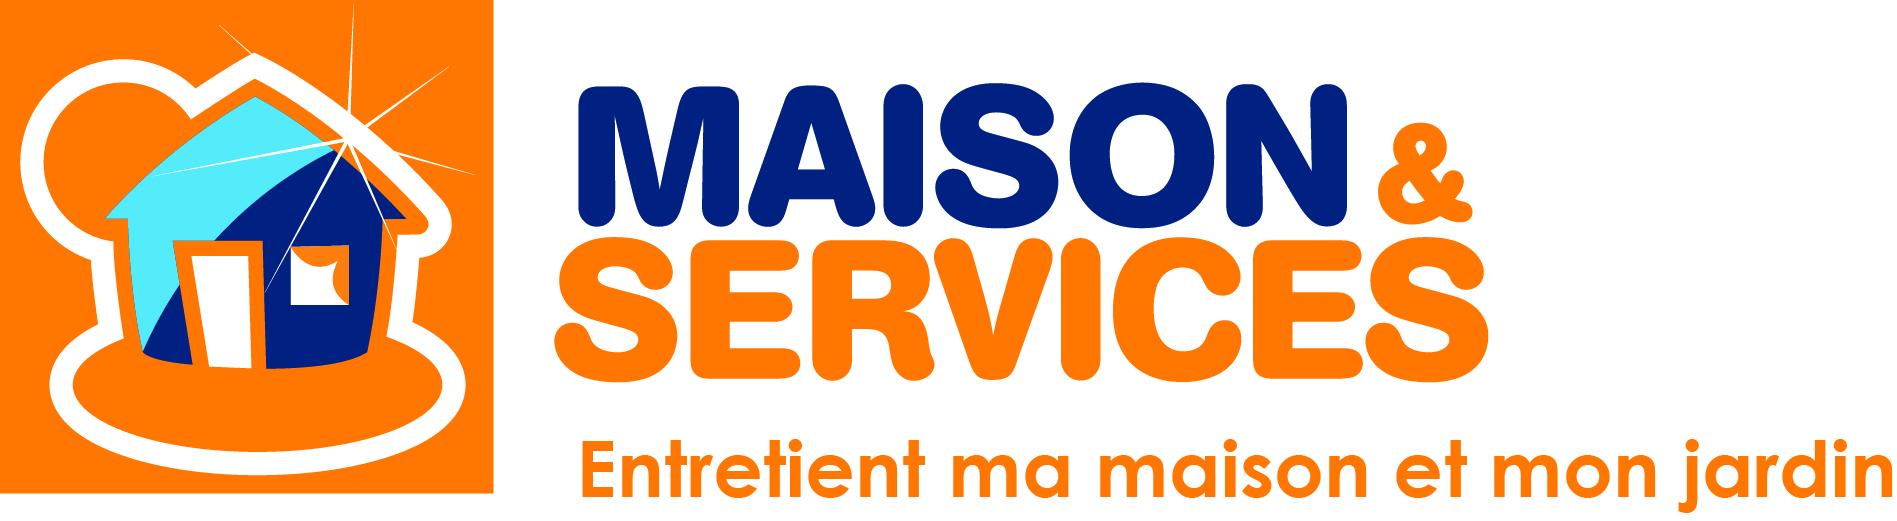 MAISON ET SERVICES - NOUNOU ADOM - MAINTIEN ADOM